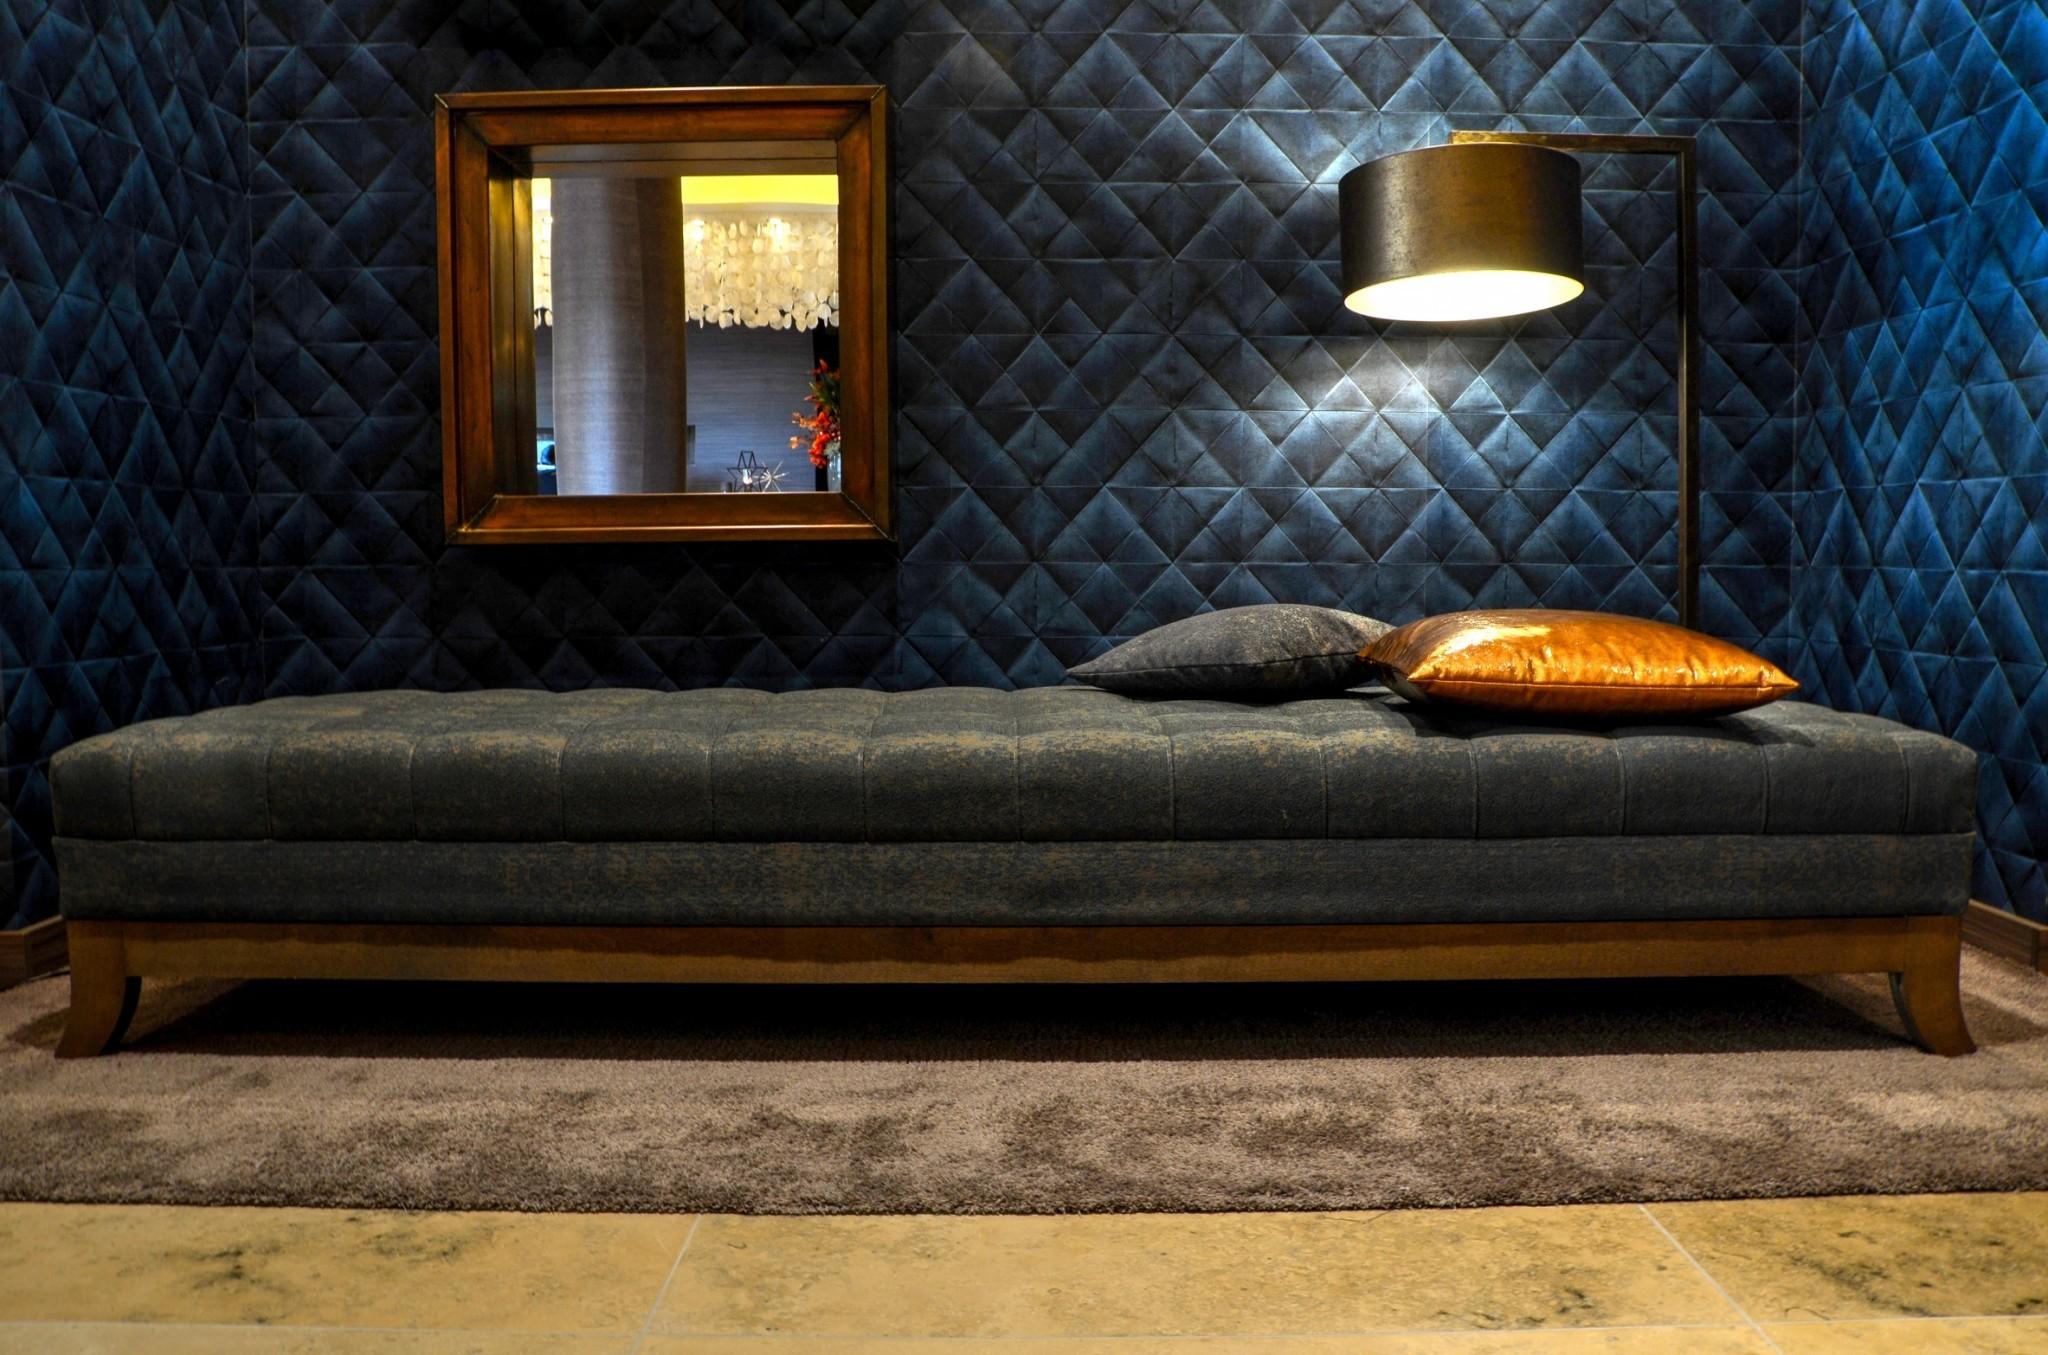 酒店,床,卧室,房间cc0可商用高清图片_千叶网